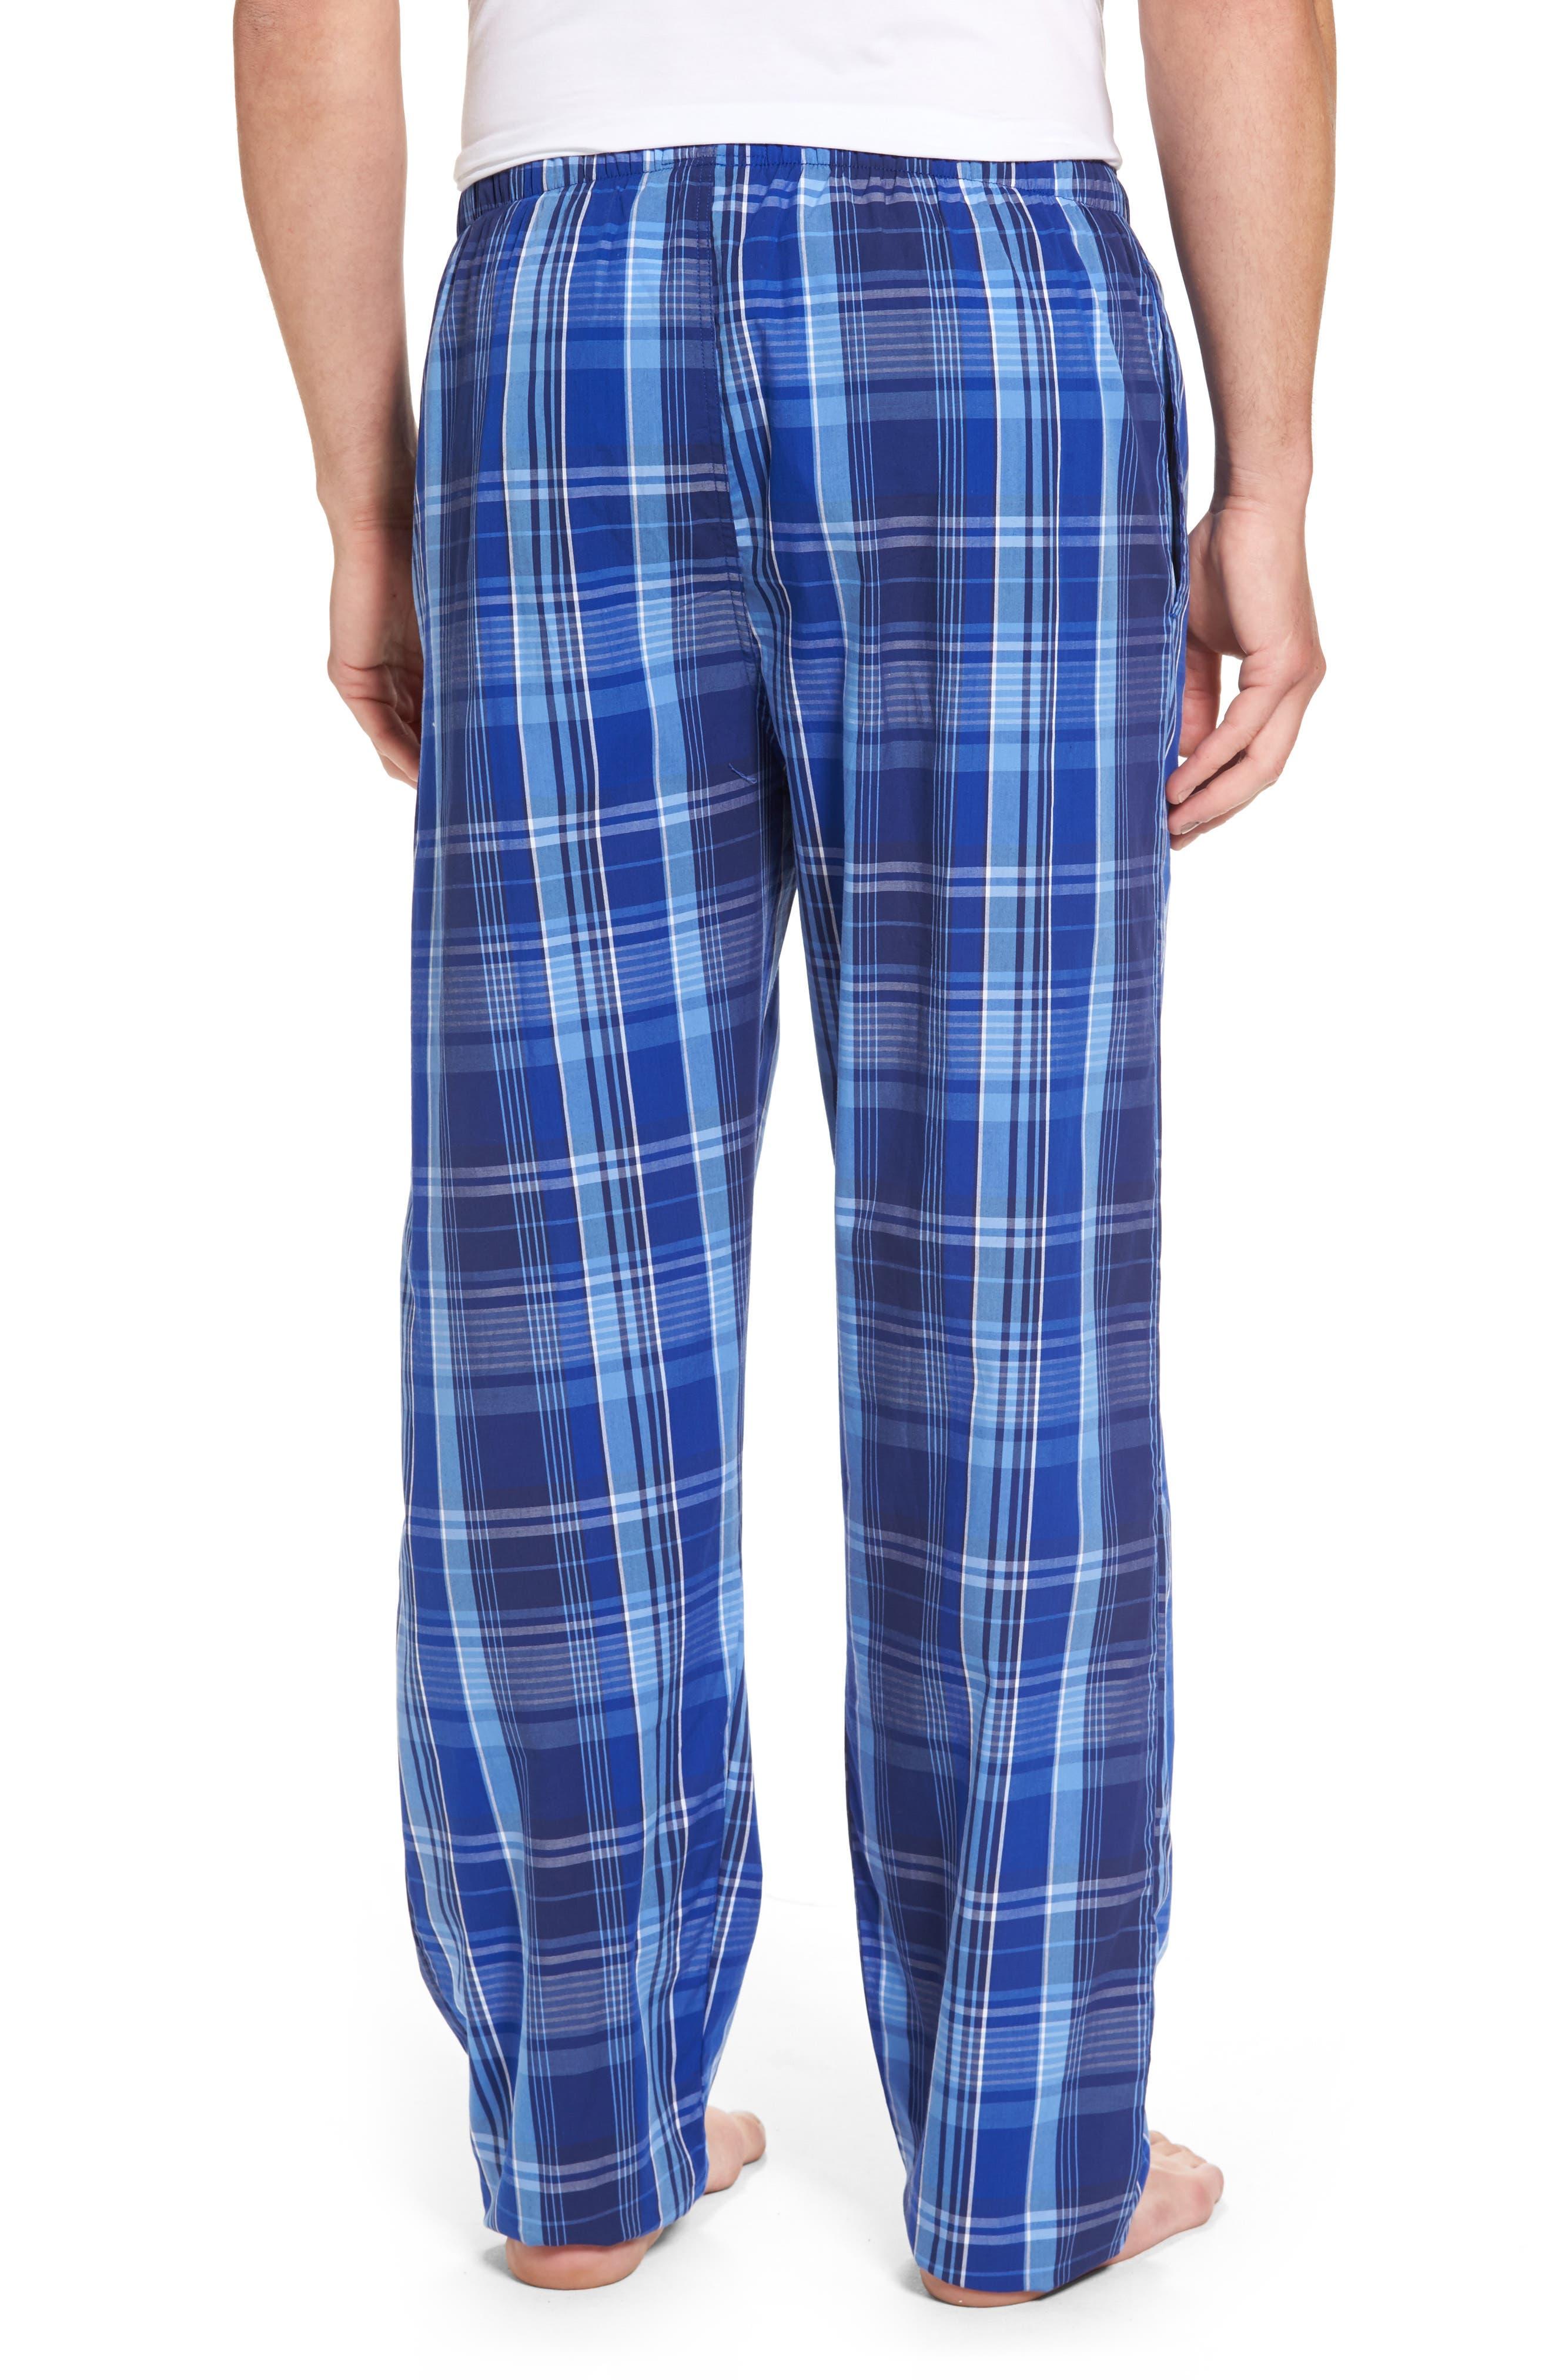 Cotton Lounge Pants,                             Alternate thumbnail 2, color,                             406